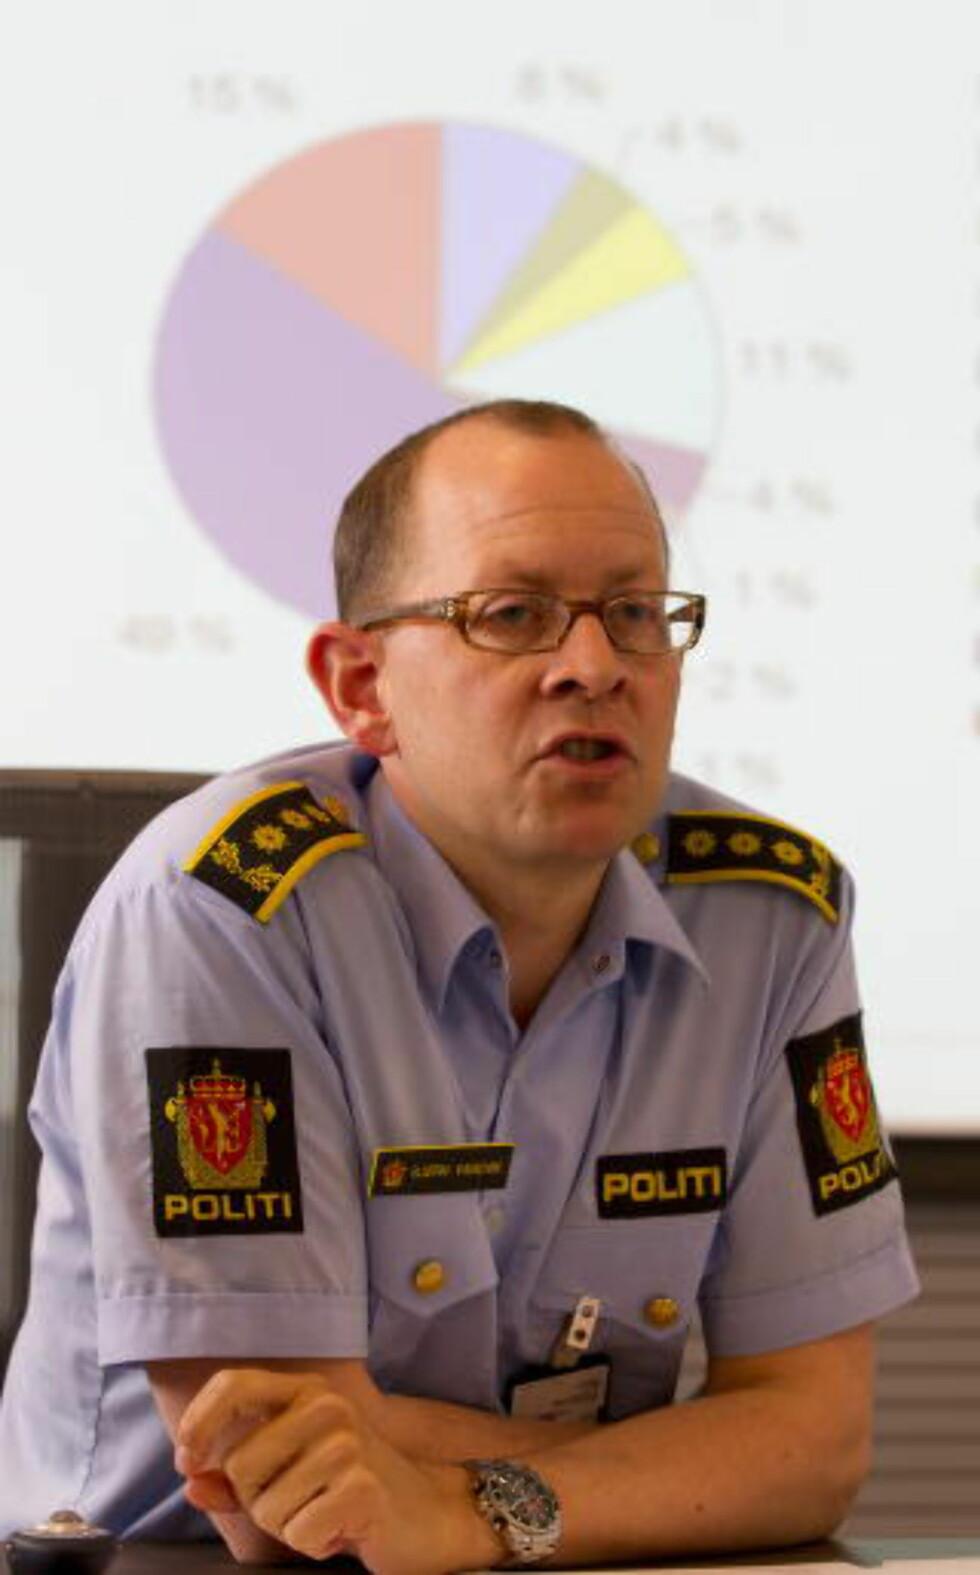 SKJØNNER REAKSJONER: Politimester Bjørn Vandvik skjønner at tiltaket skaper reaksjoner og diskusjon. Foto: Morten Holm / Scanpix